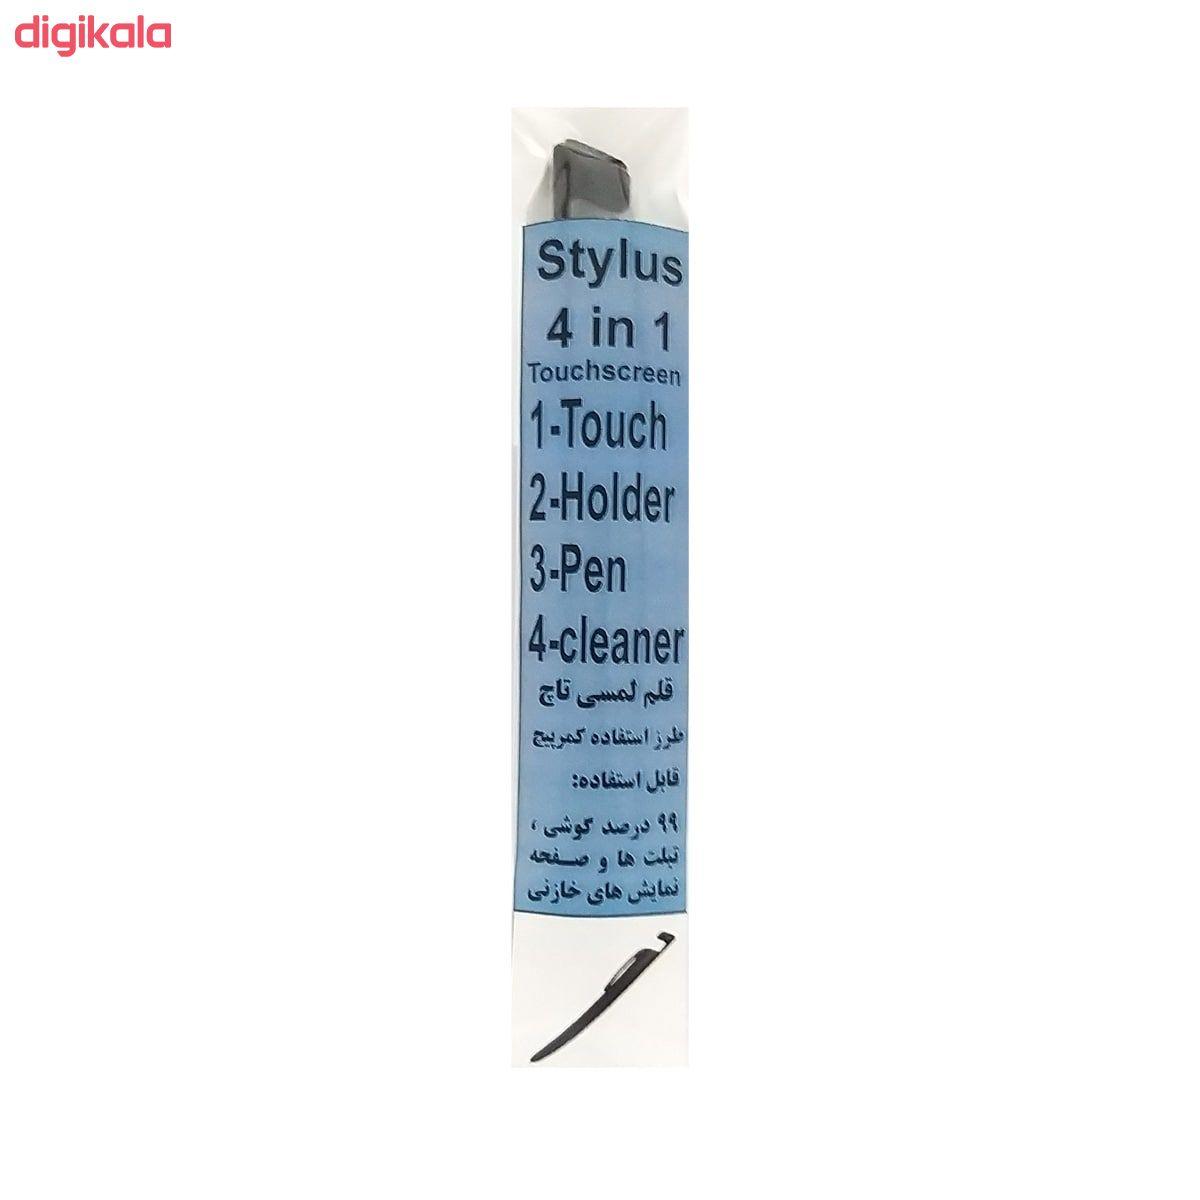 قلم لمسی و پایه نگهدارنده موبایل مدل SKJMRJNQ002369 main 1 19